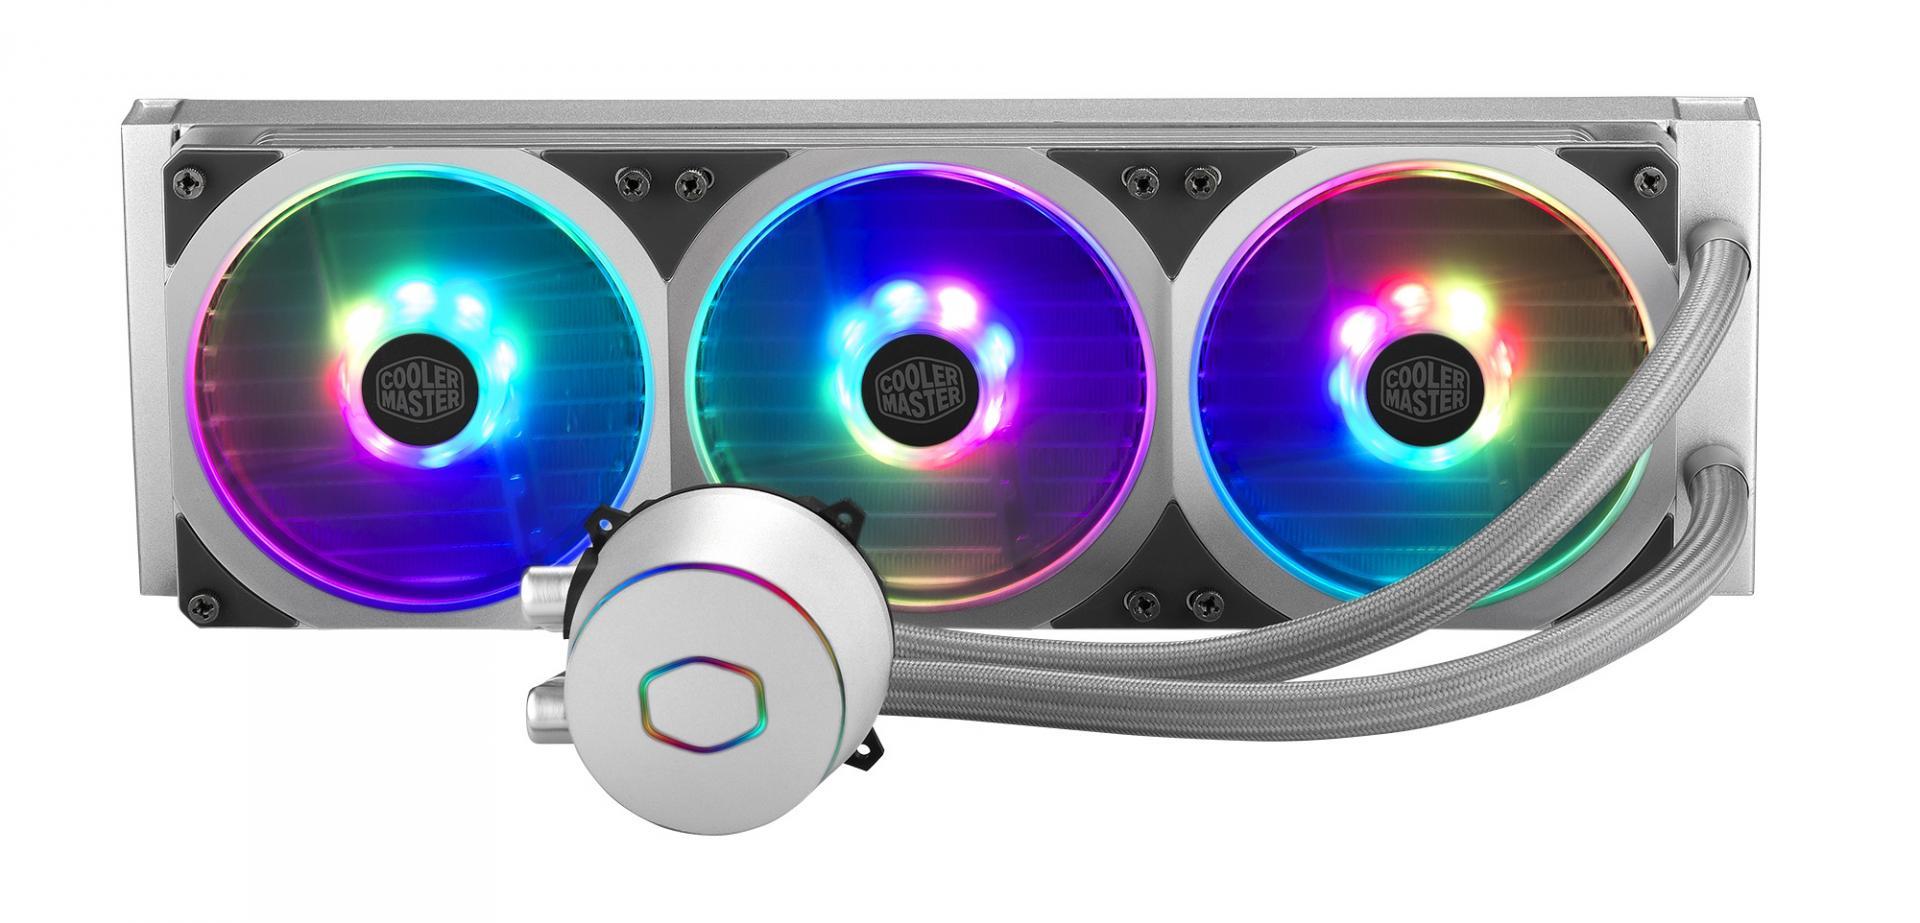 Cooler Master выпускает новую жидкостную систему охлаждения процессора MasterLiquid ML360P Silver Edition